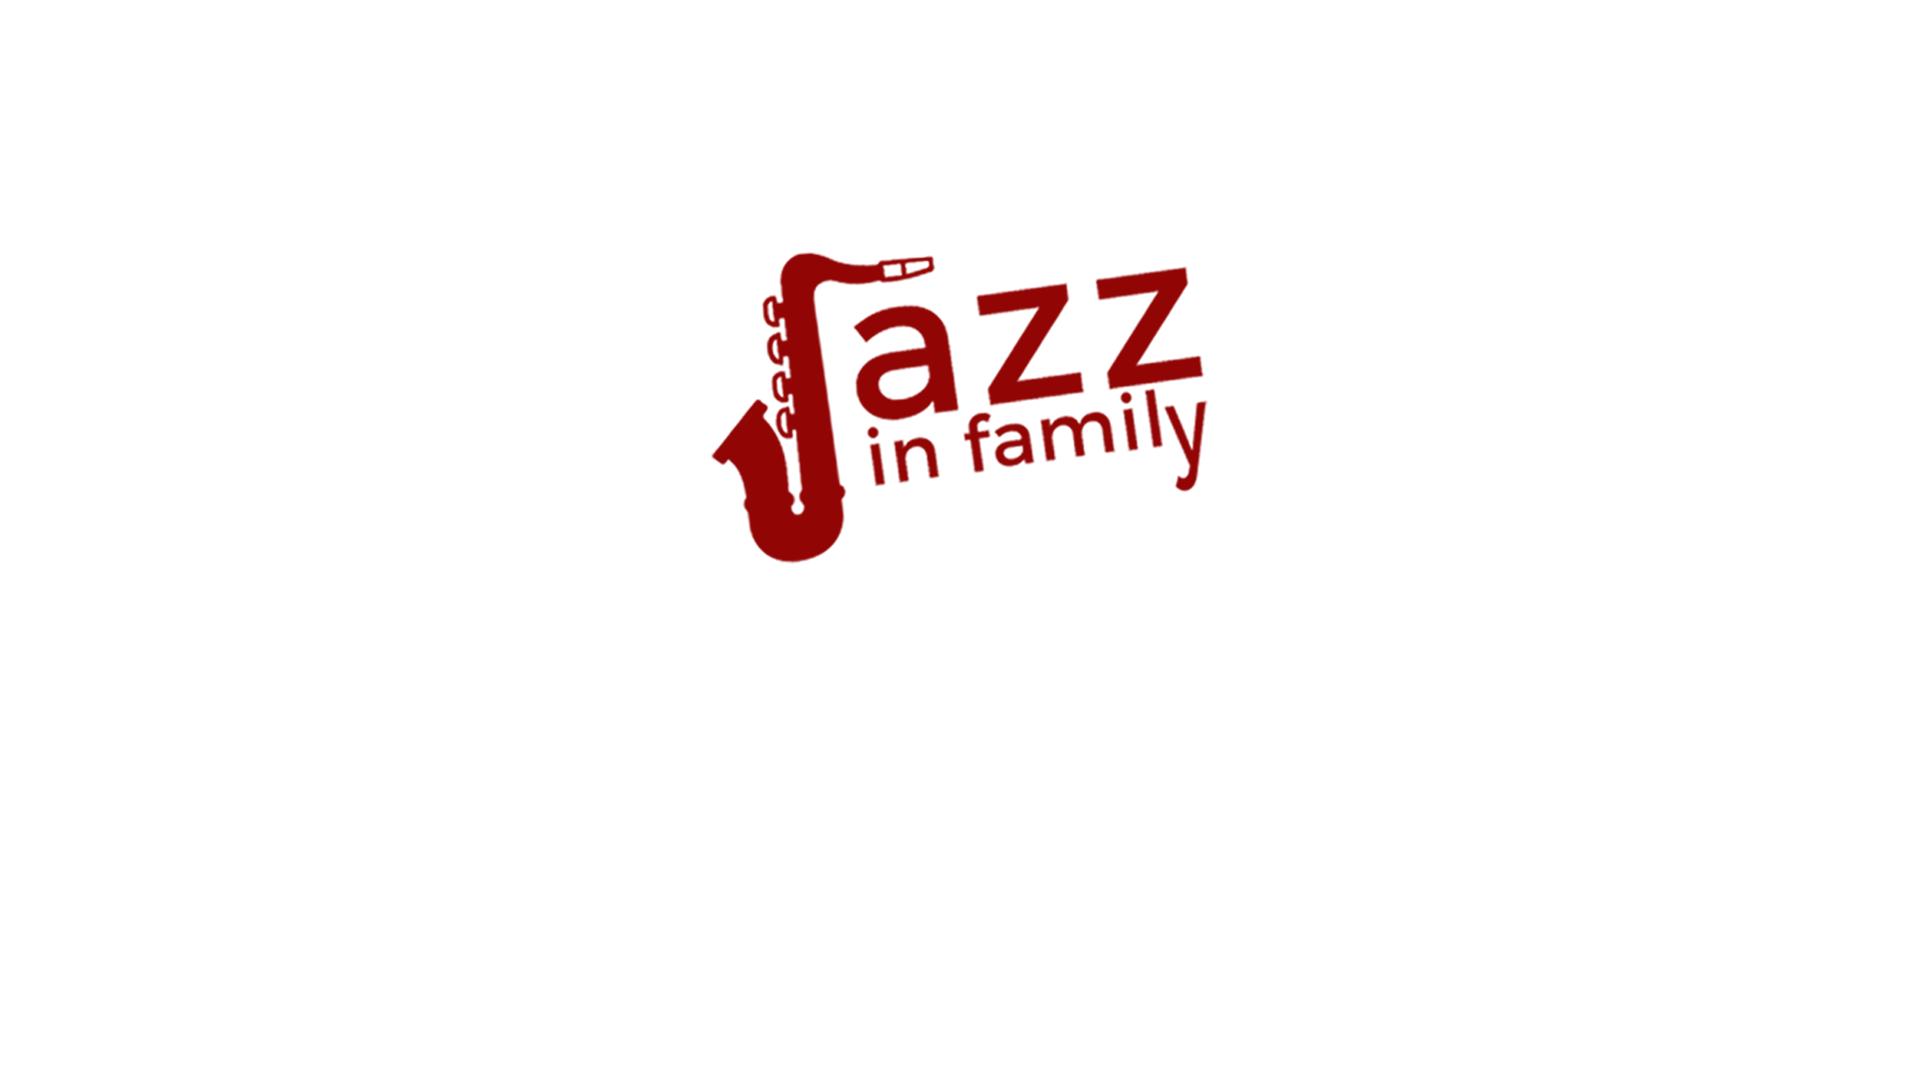 Jazz in Family - Il luogo dove le varie anime del jazz si ritrovano in famiglia